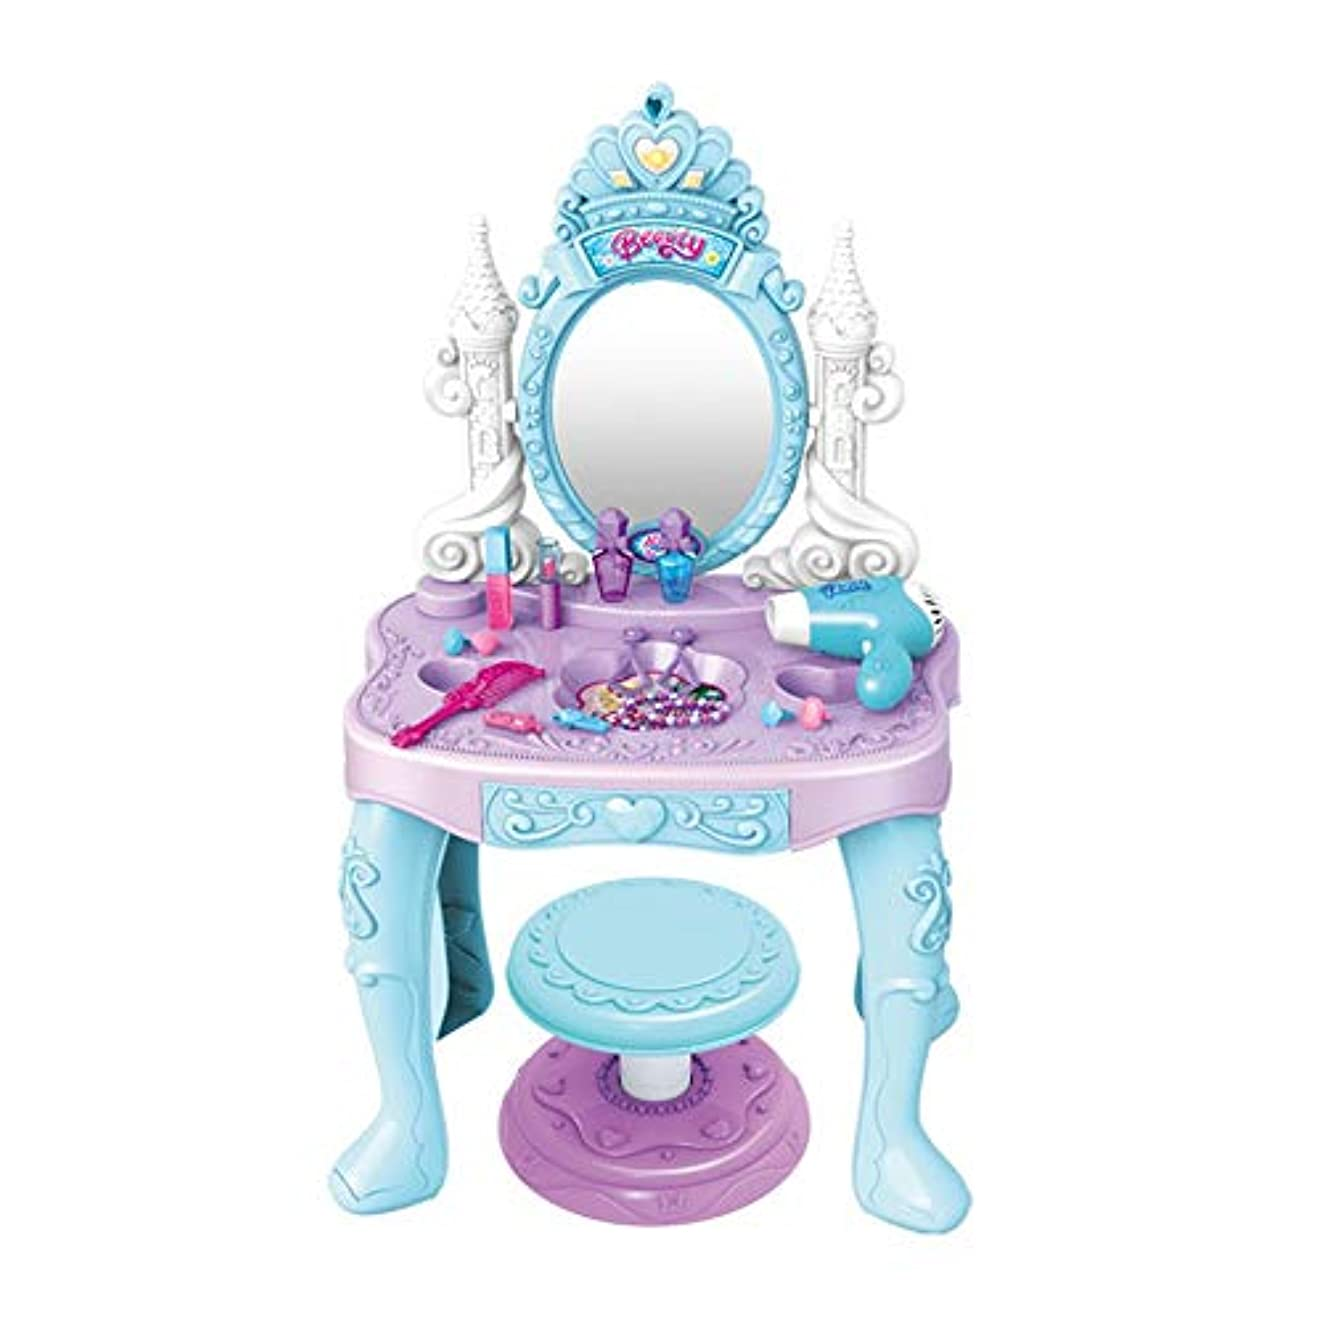 脱獄穿孔する表向きドレッサー おもちゃ 子供たちは化粧テーブルスツールプリンセスと遊ぶセットをふり (色 : 青, サイズ : 83.5*46*67.5cm)